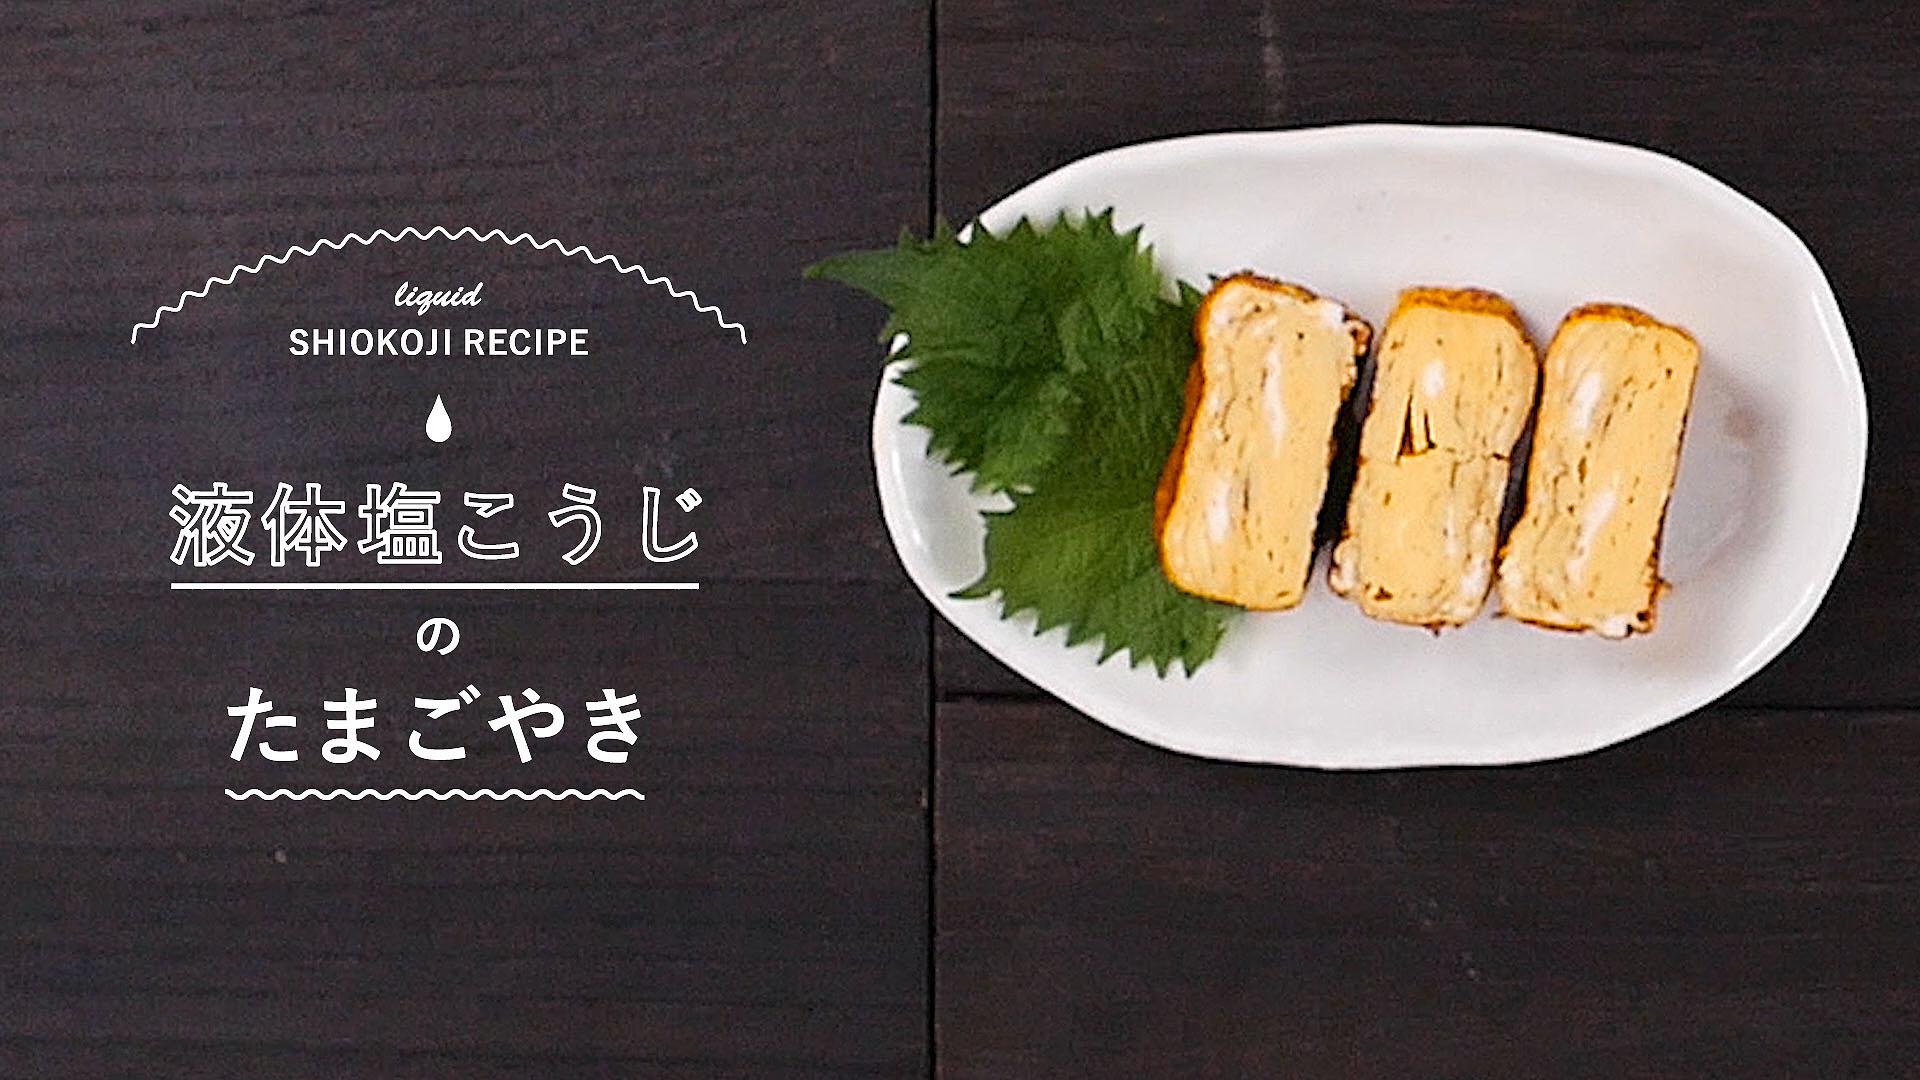 【液体塩こうじレシピ】たまごやき 加えるだけでふわふわ食感!